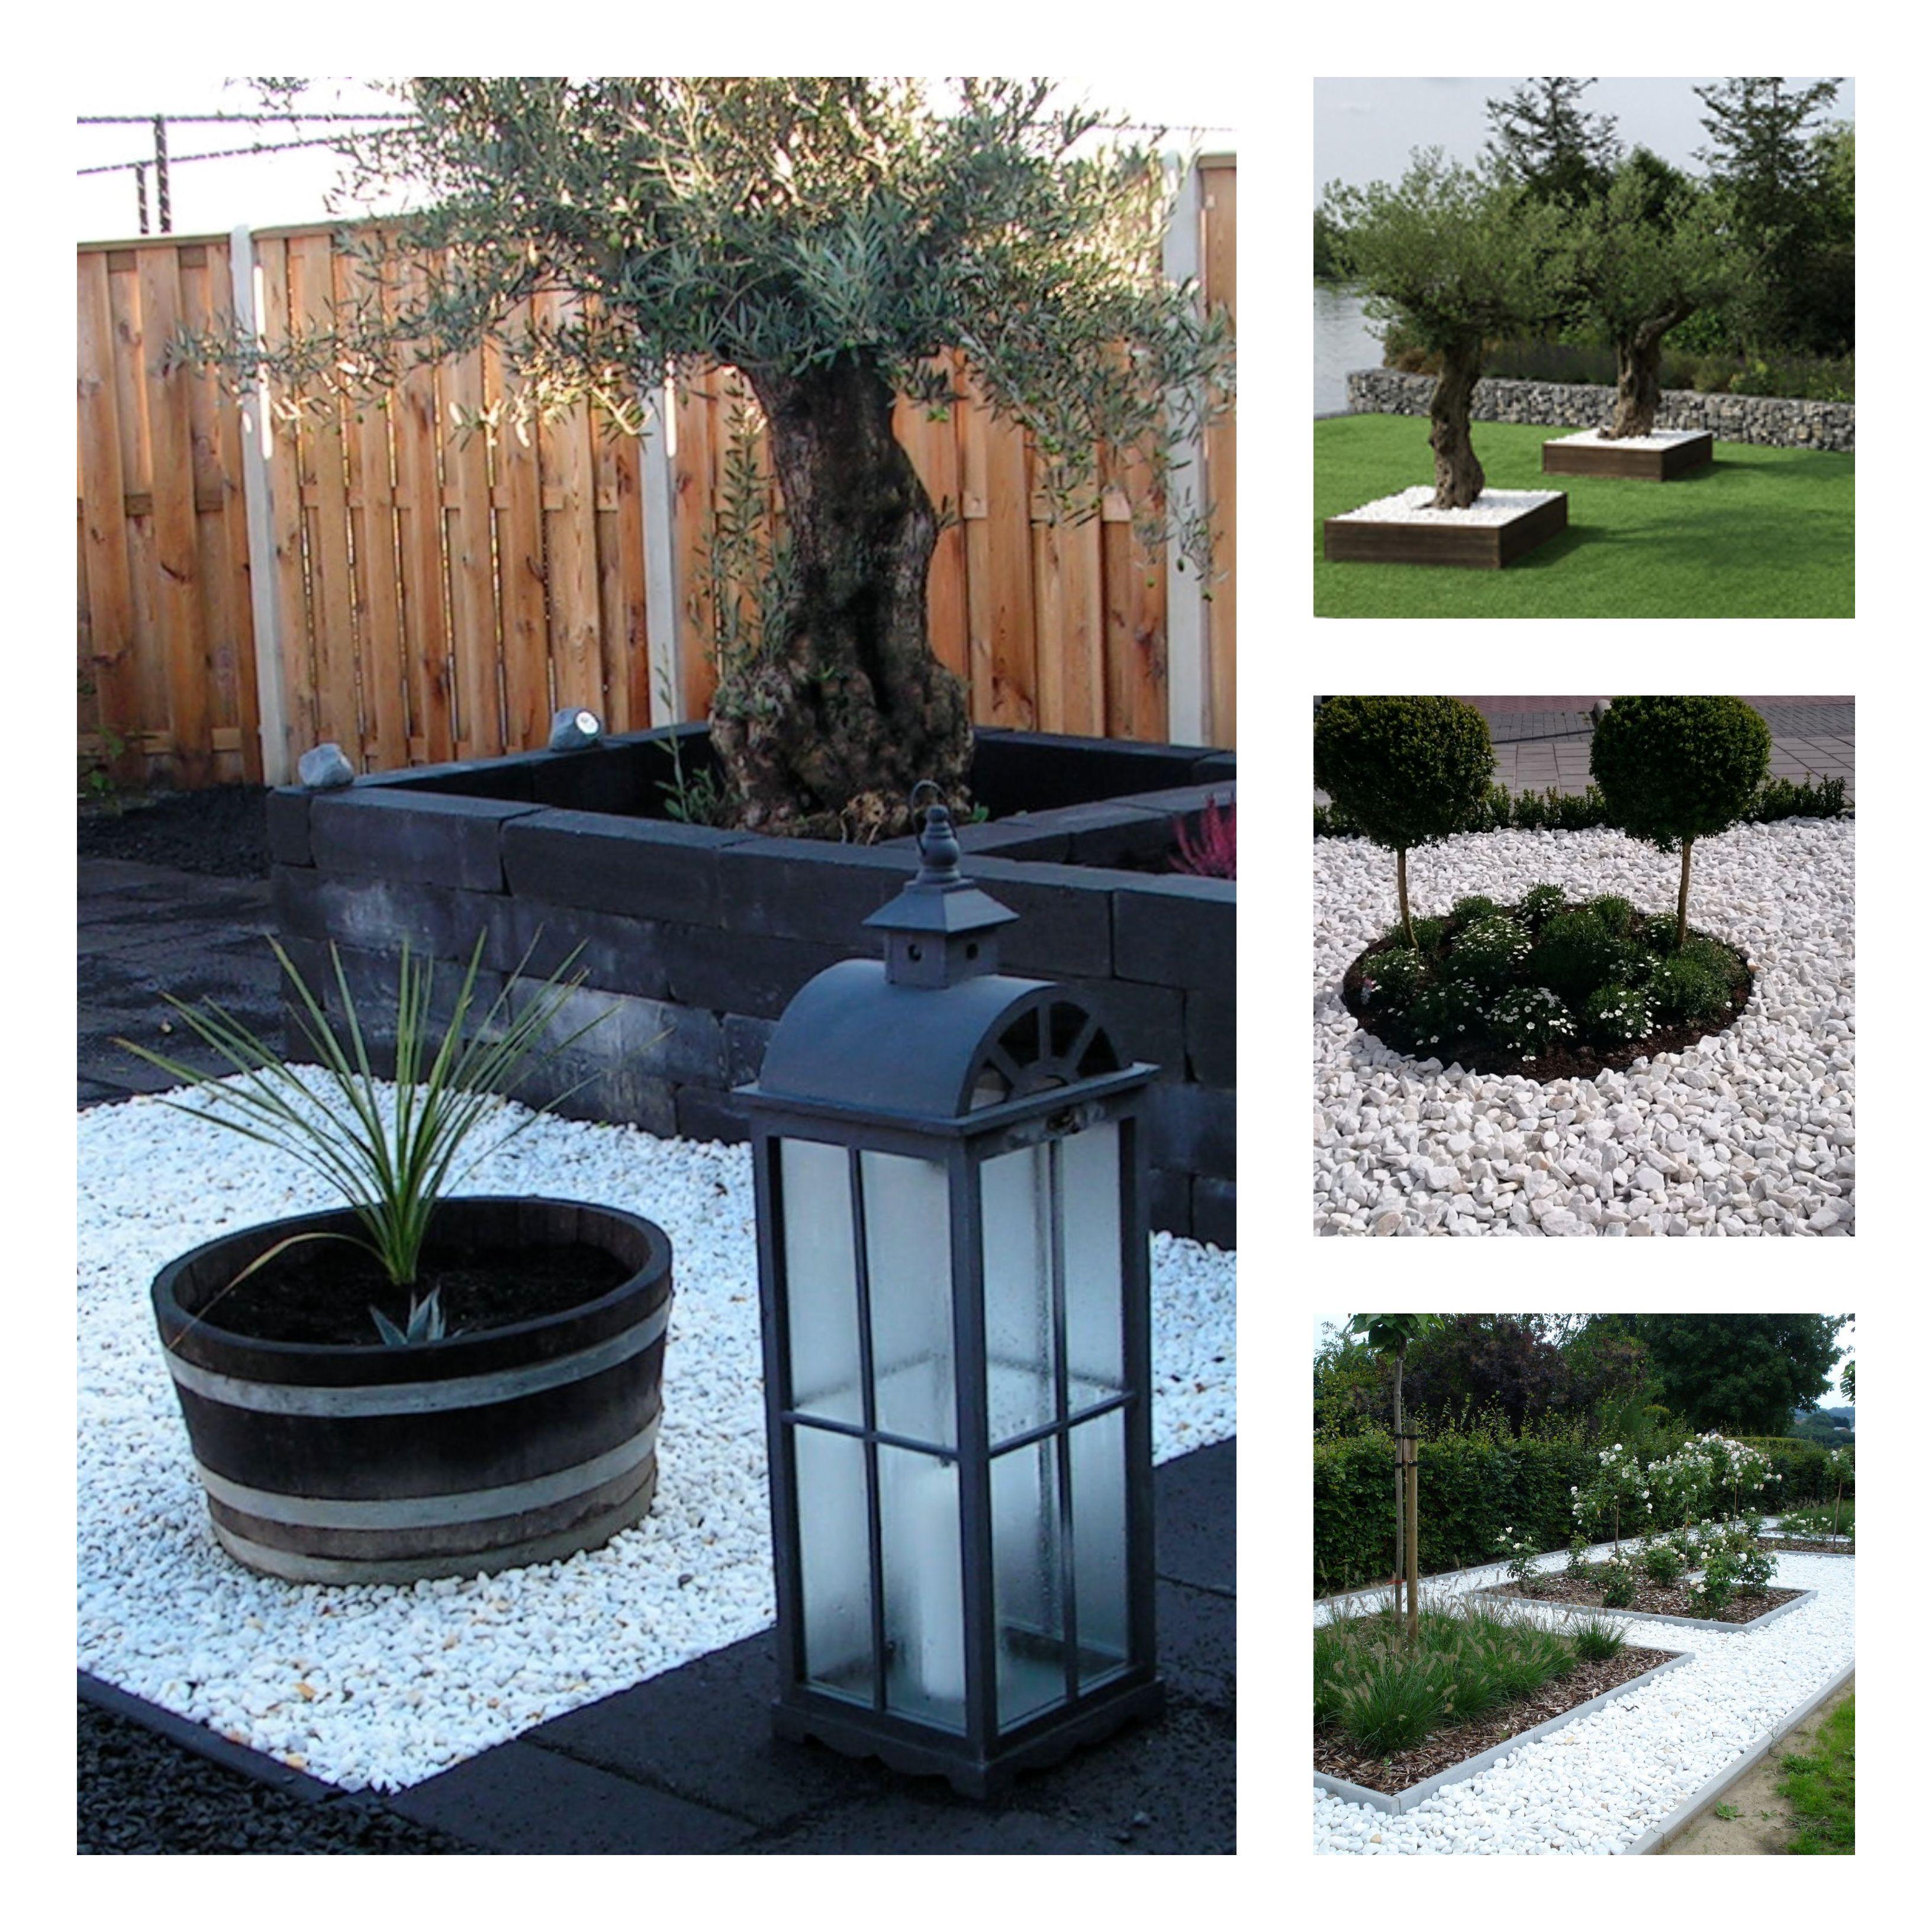 Quieres Darle Un Aspecto Moderno A Tu Jardin Las Piedras Blancas Le Aportaran Esa Luz Que Necesita Piedras Decorativas Para Jardin Diseno De Jardin Macetas